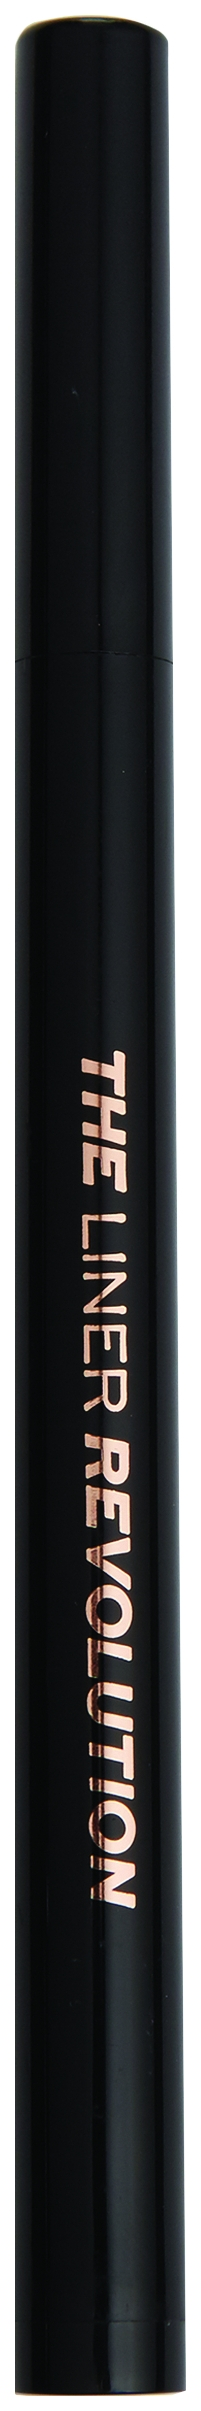 Подводка для глаз Makeup Revolution The Liner